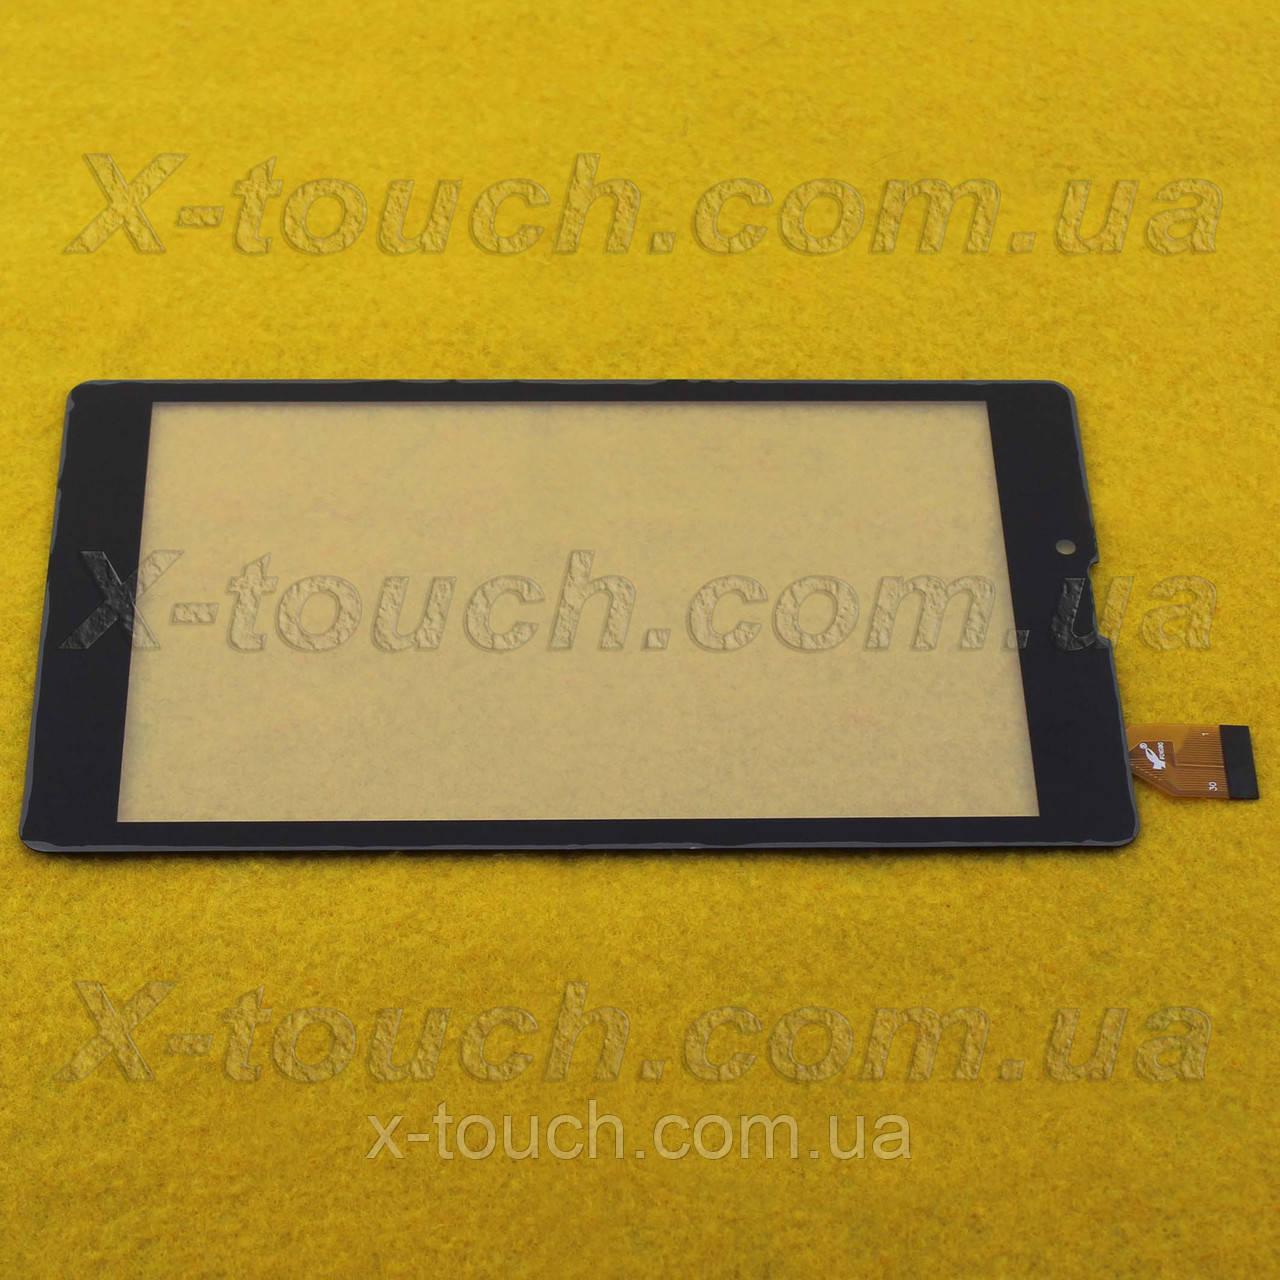 Сенсор, тачскрин FPC-DP070177-F1 для планшета, черного цвета